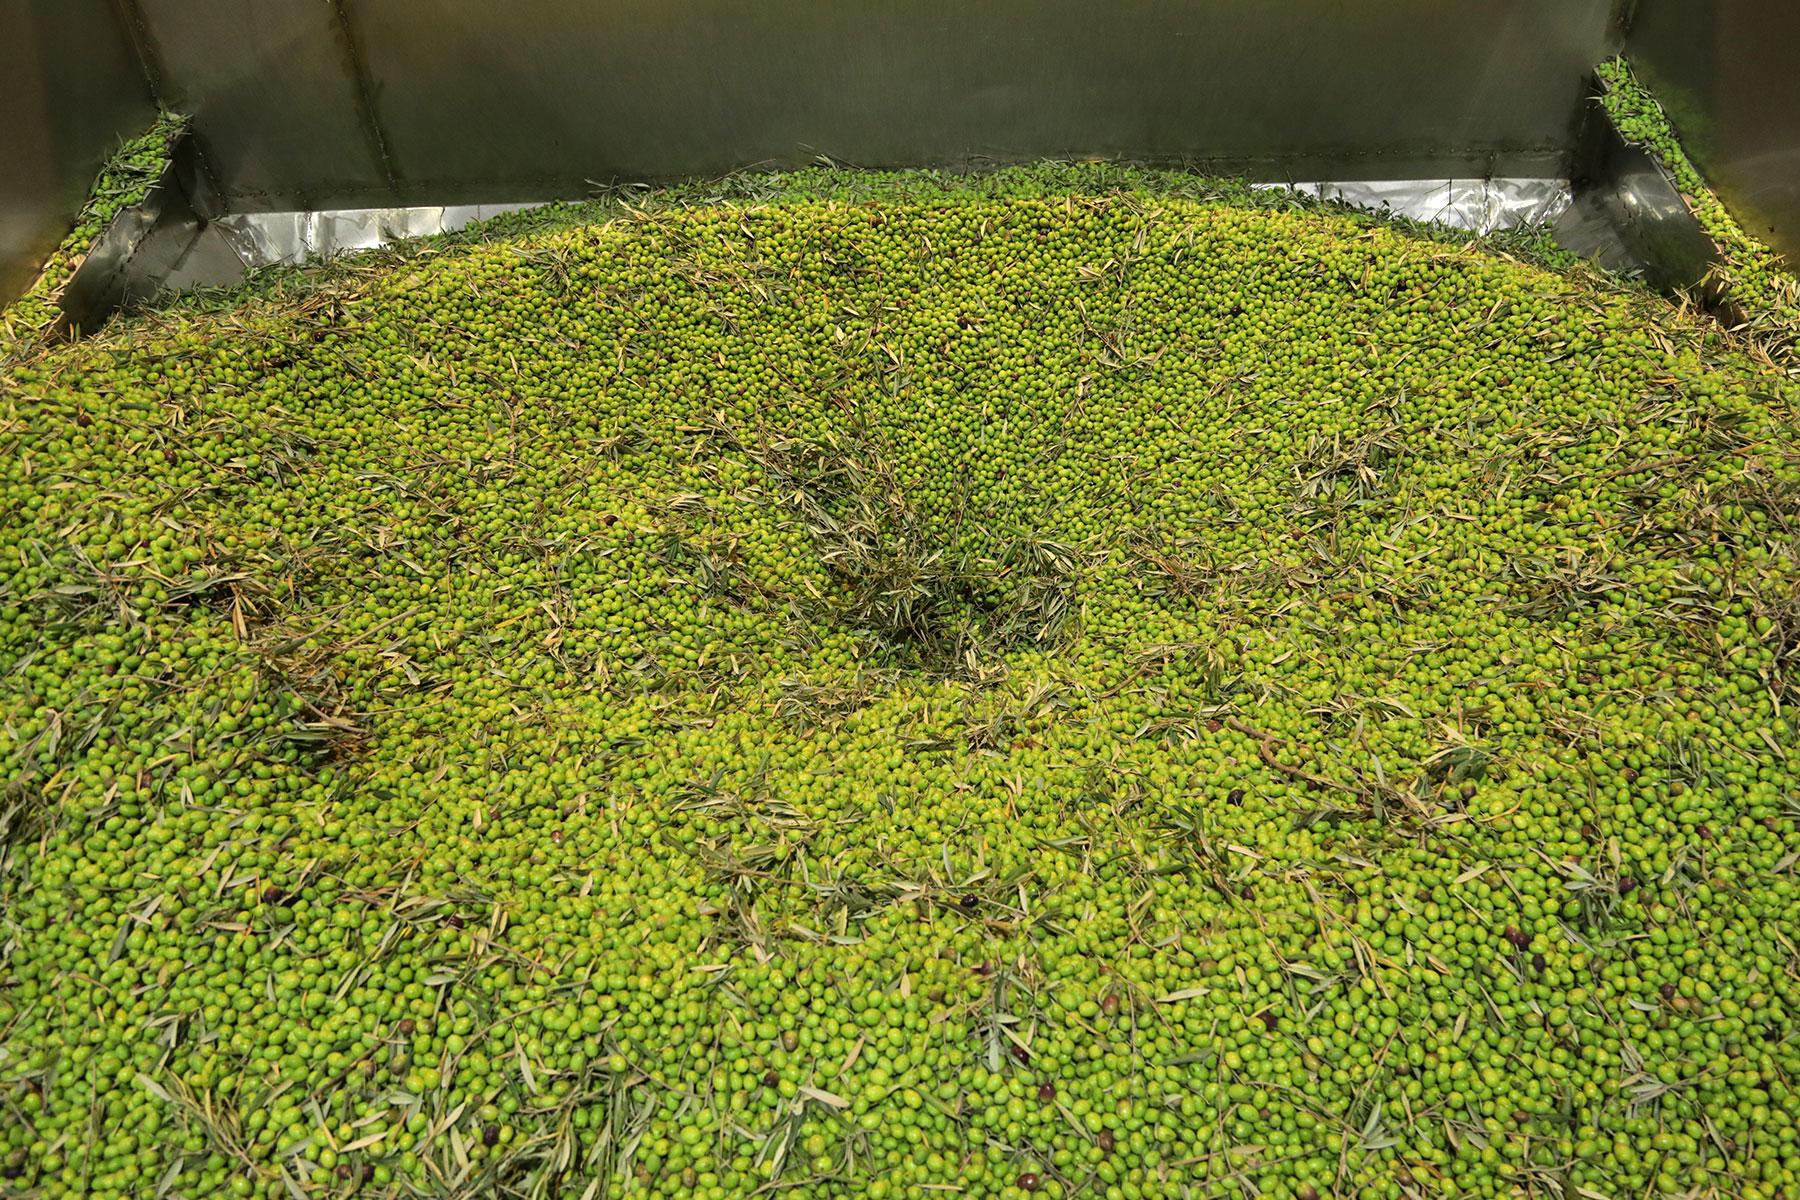 Aceitex---Aceite-de-oliva-virgen-extra---transporte-del-fruto